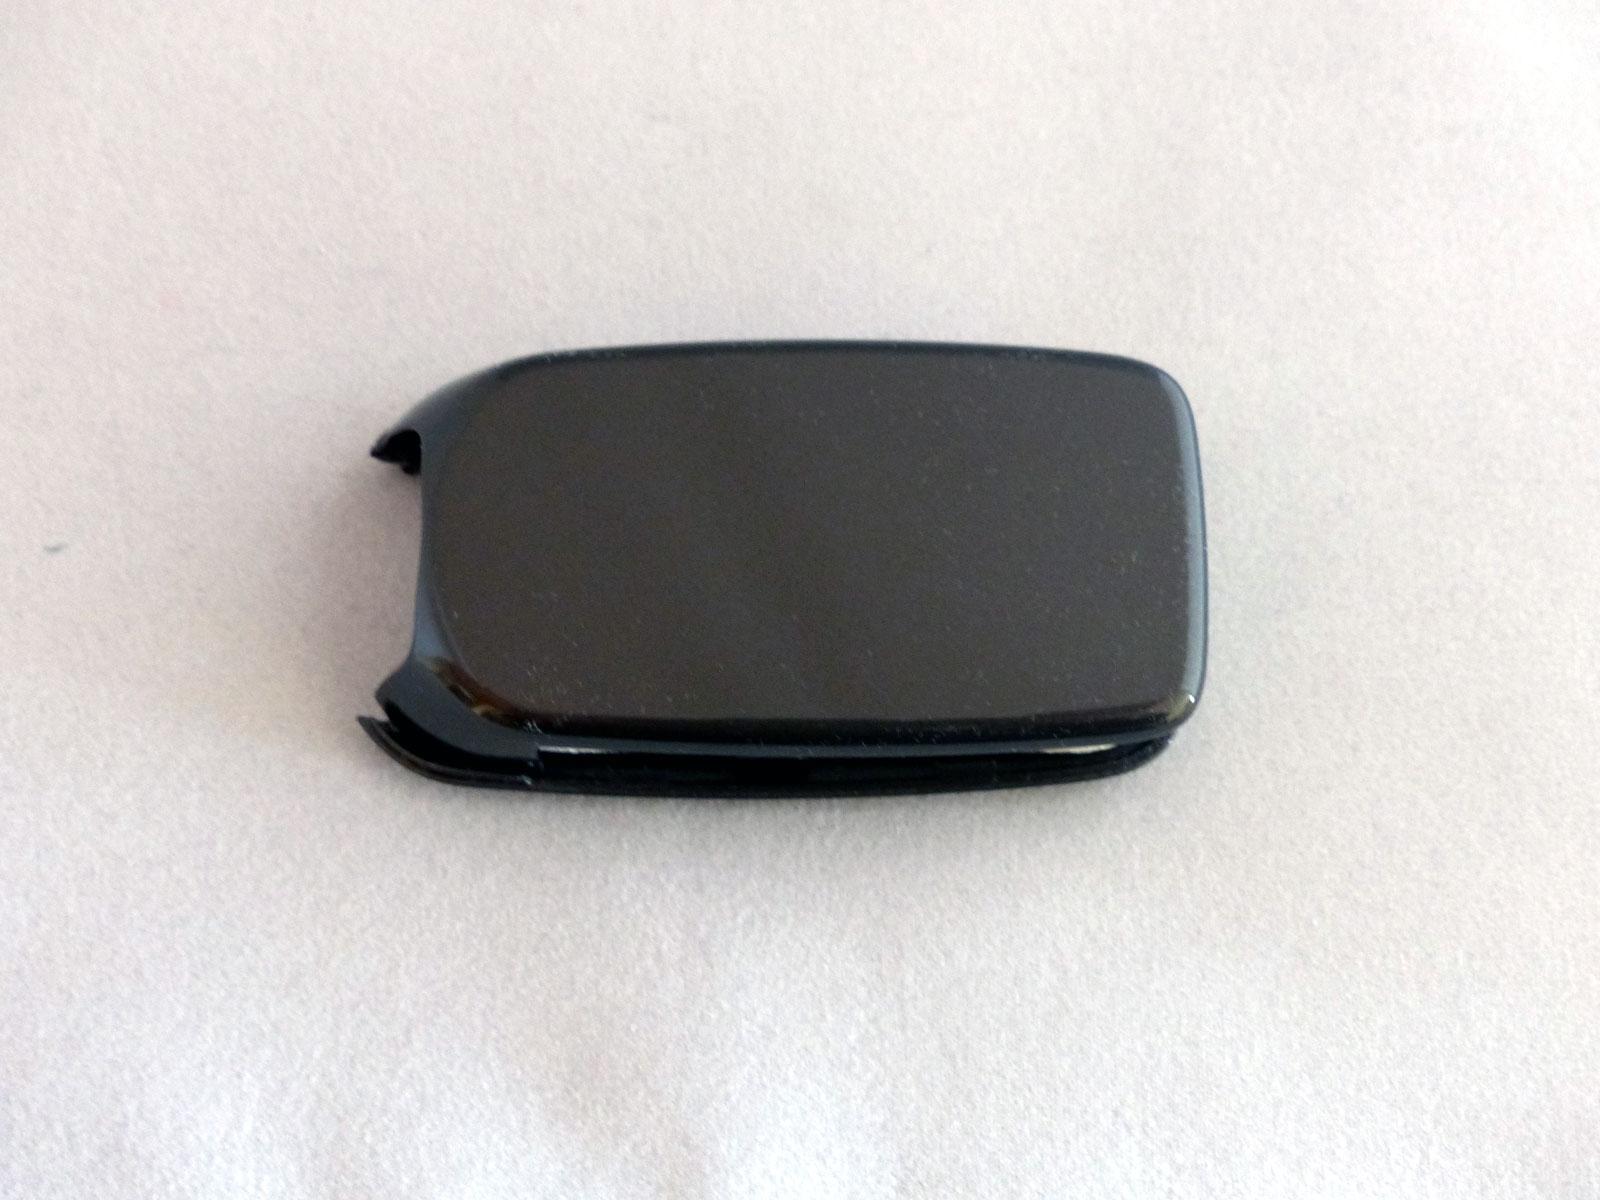 1x Schlüsselschale Schlüsselcover Fiat TIPO 500X grau metallic anthrazit